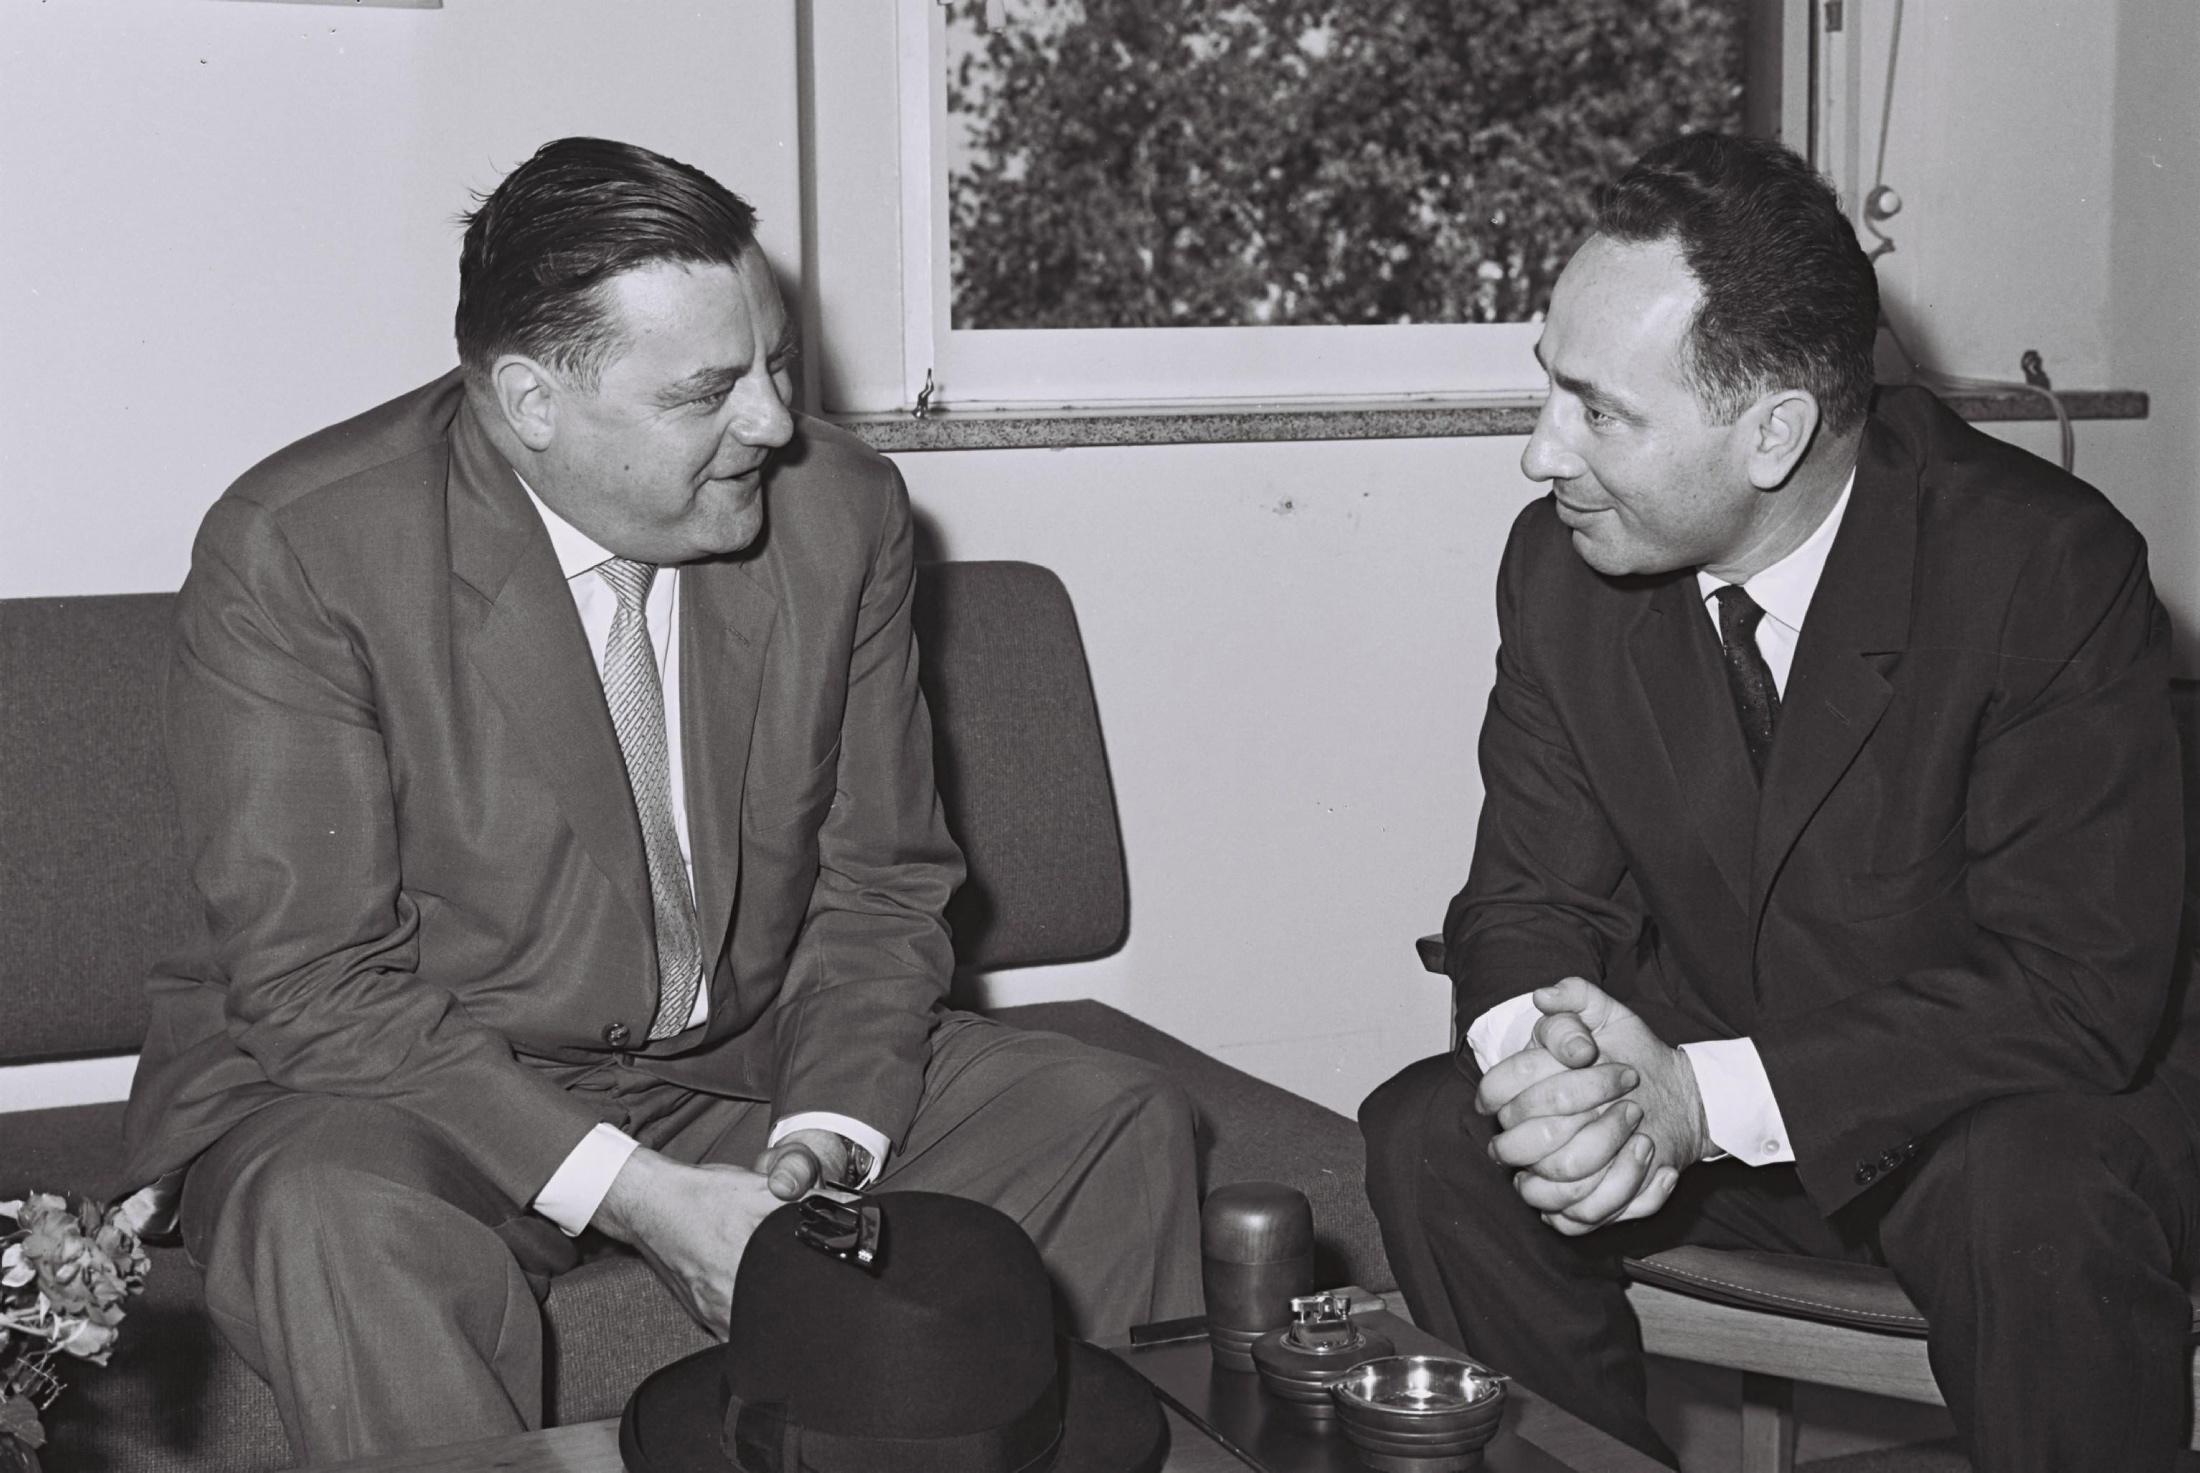 الكشف عن صفقة أسلحة ألمانية لإسرائيل قبل حرب 1967